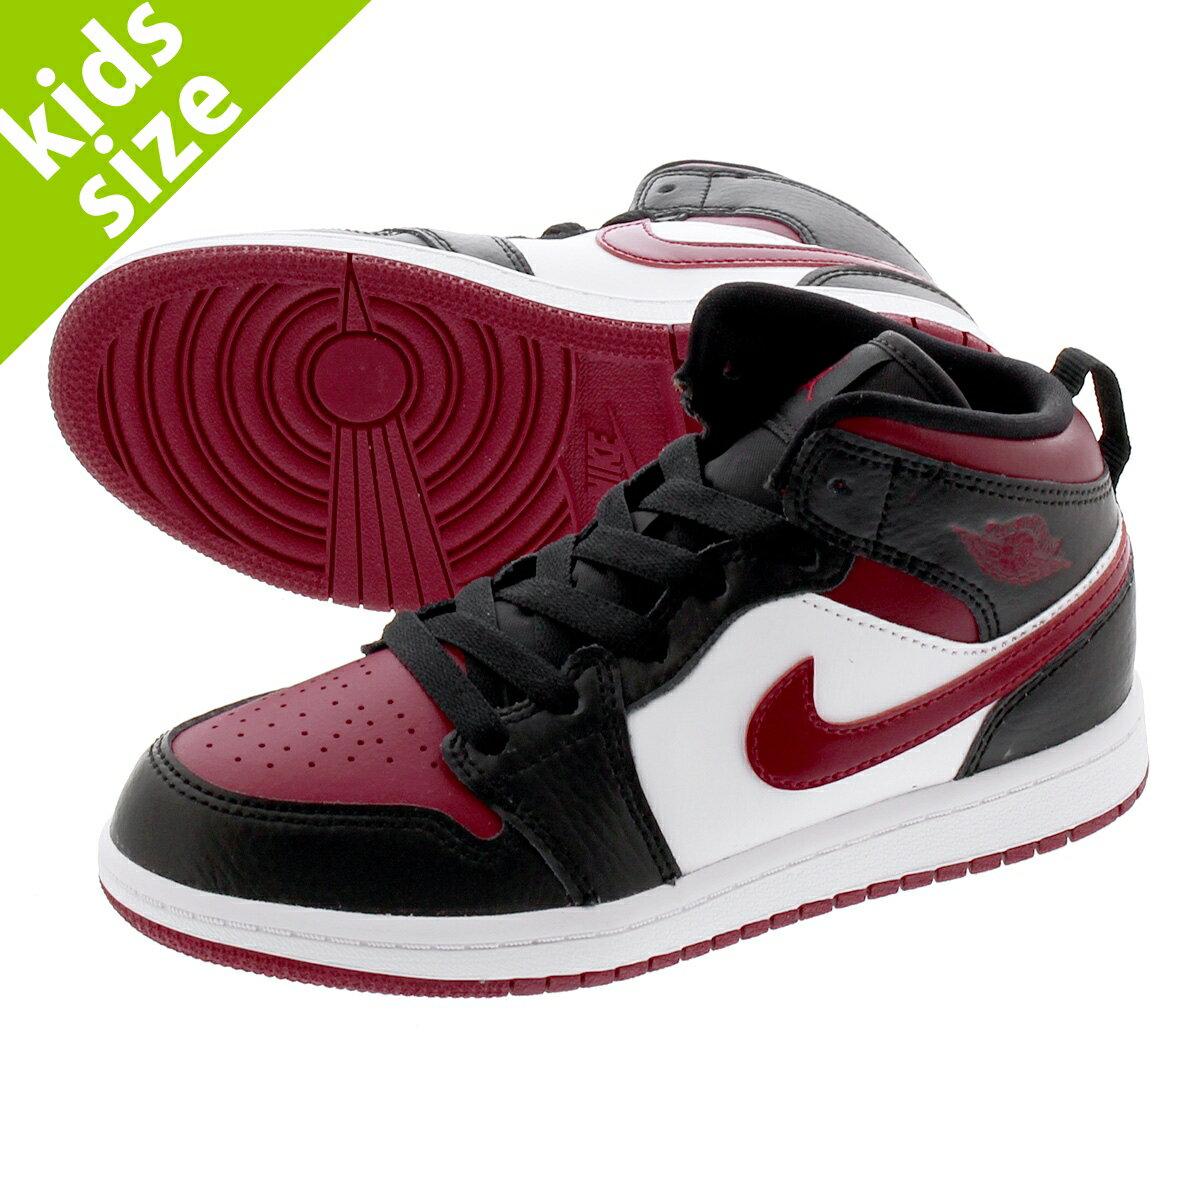 靴, スニーカー 16.022.0cm NIKE AIR JORDAN 1 MID PS 1 PS BLACKNOBLE REDWHITE 640734-066